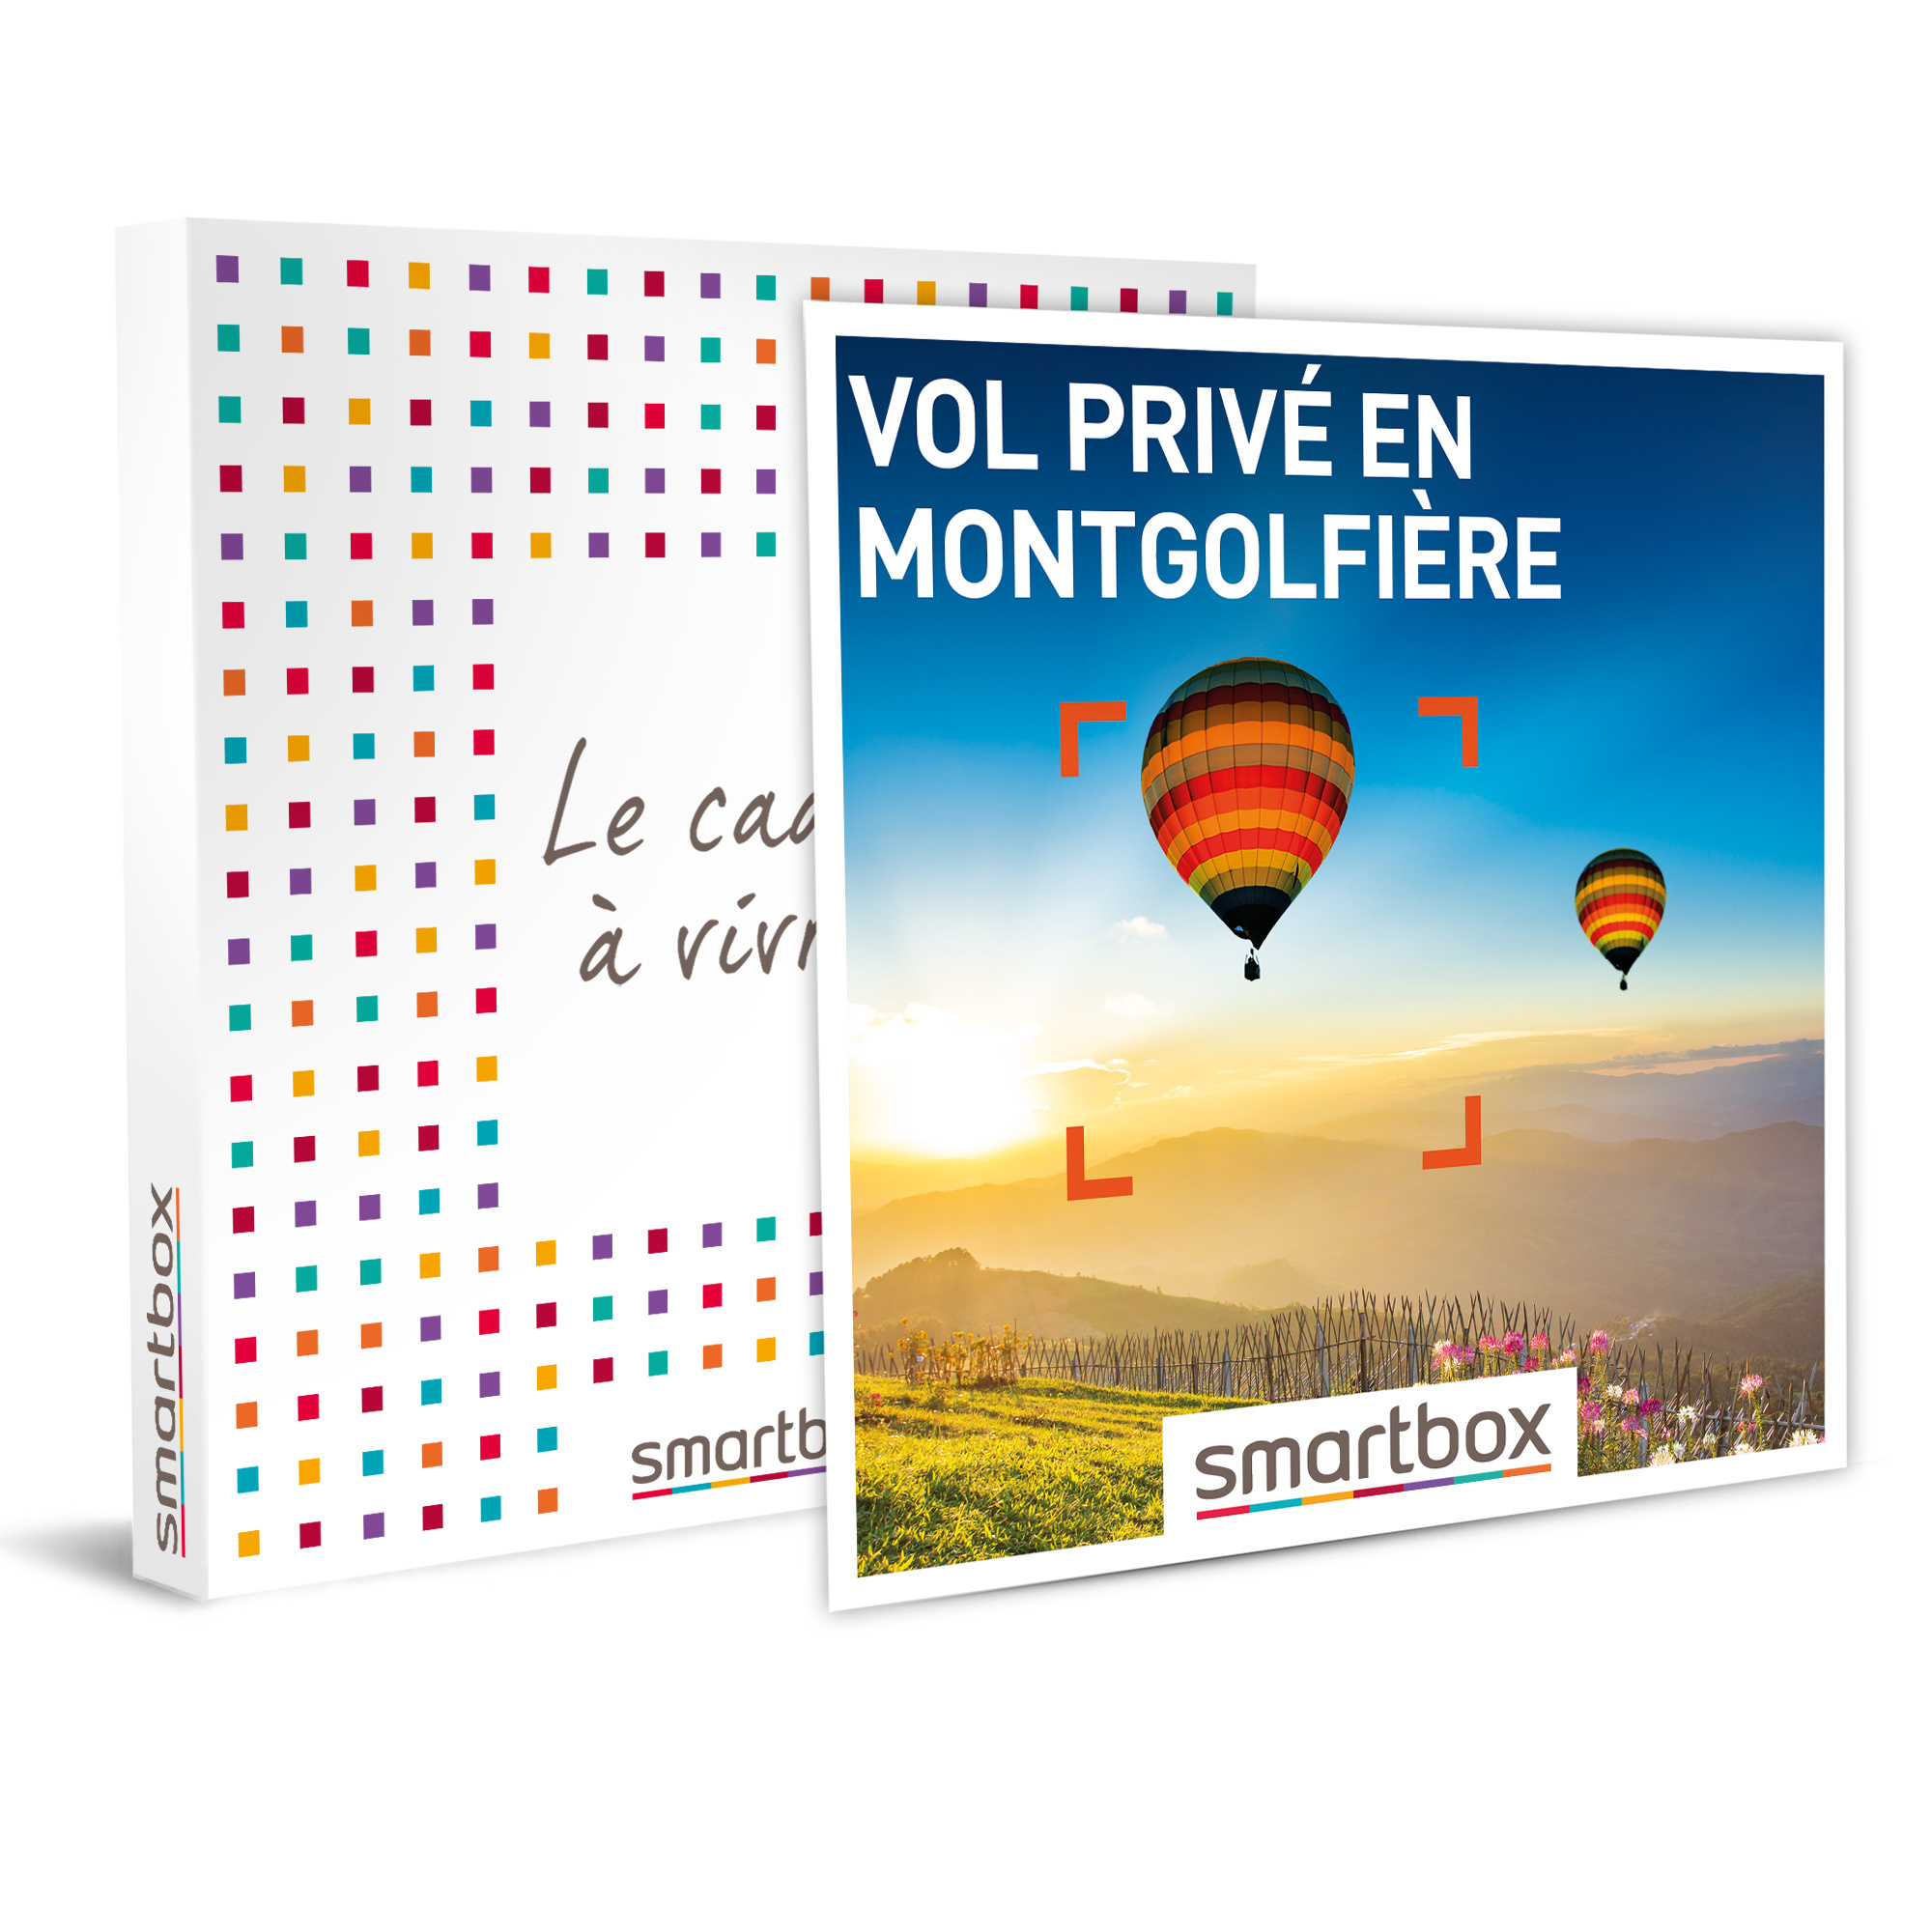 Vol privé en Montgolfière